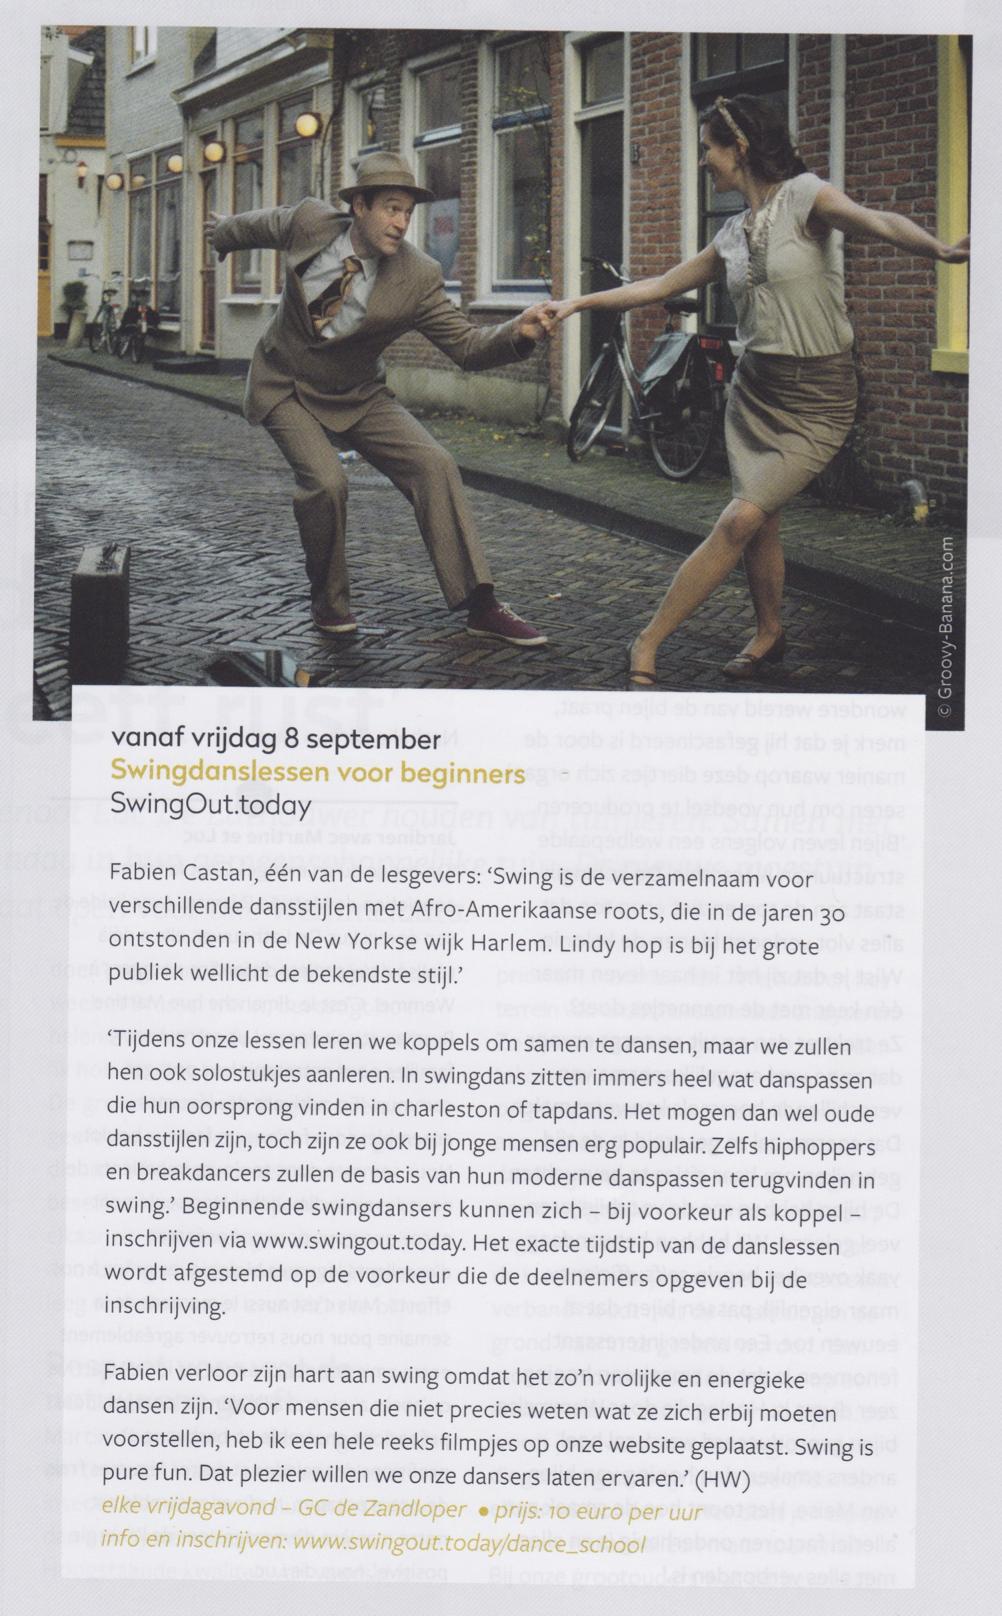 SwingOut.today, De Zandloper Magazine, September 2017